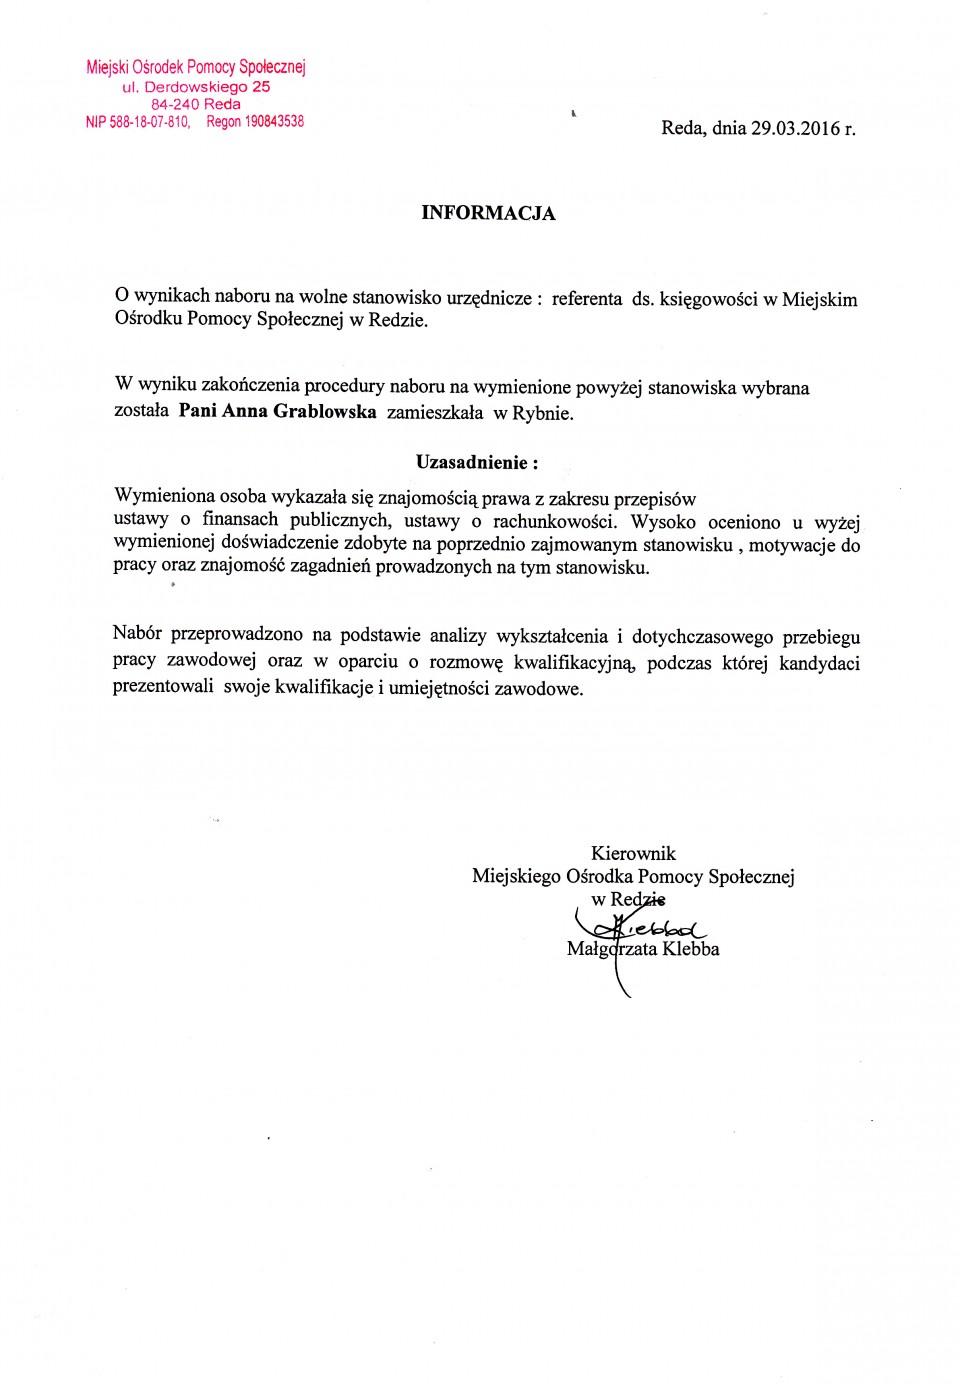 informacja o wynikach naboru na wolne stanowisko urzędnicze